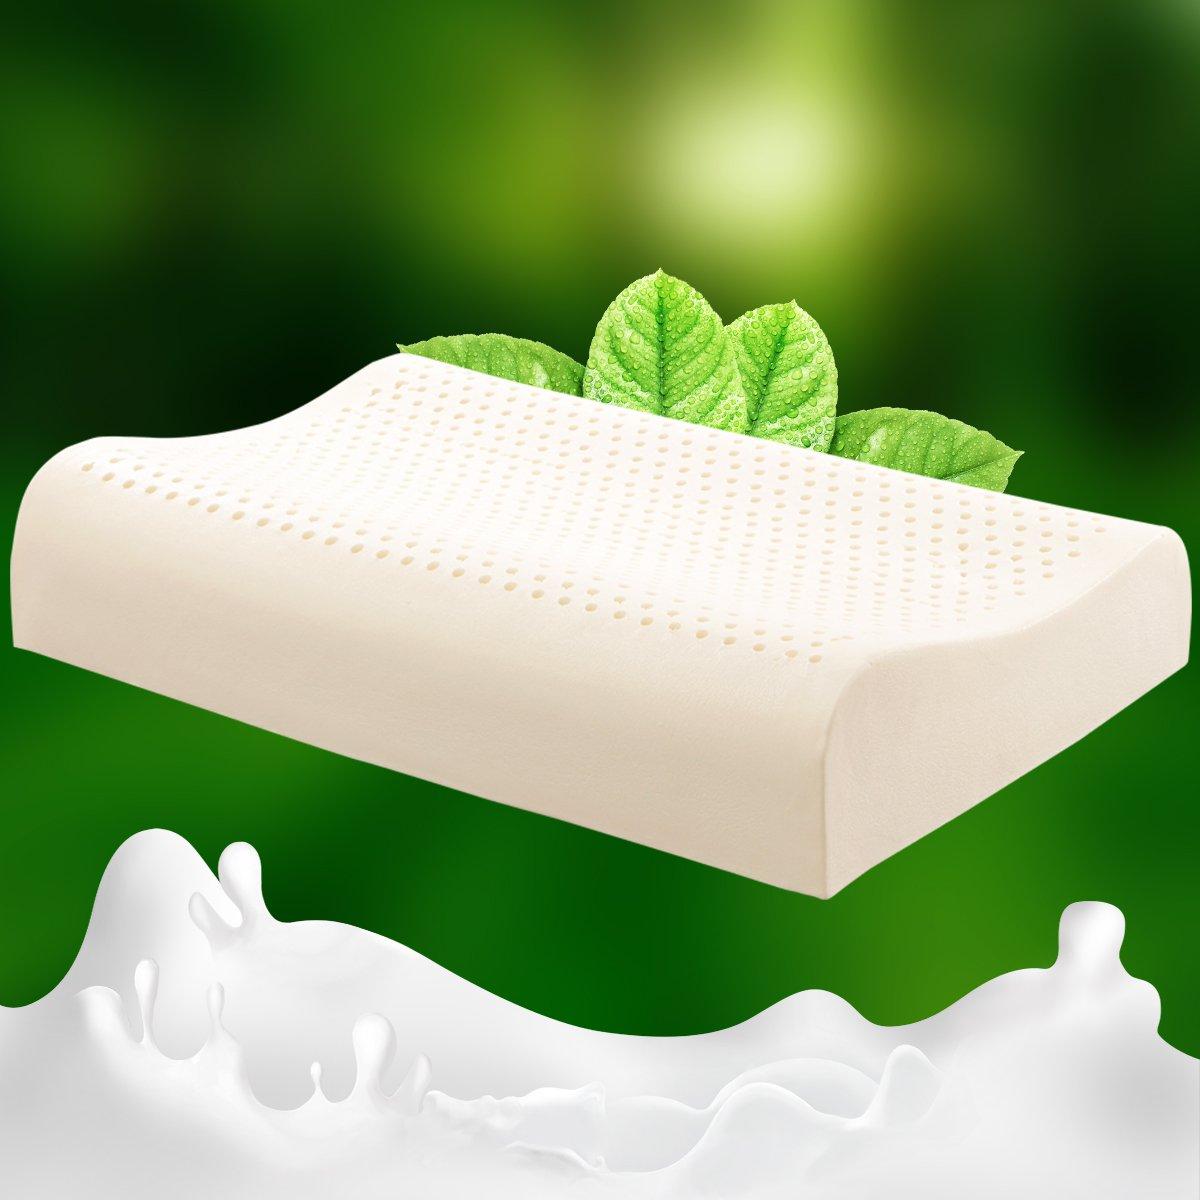 泰国乳胶枕_tatex泰国进口天然乳胶人体工学枕枕头乳胶枕8856153582877_唯品会